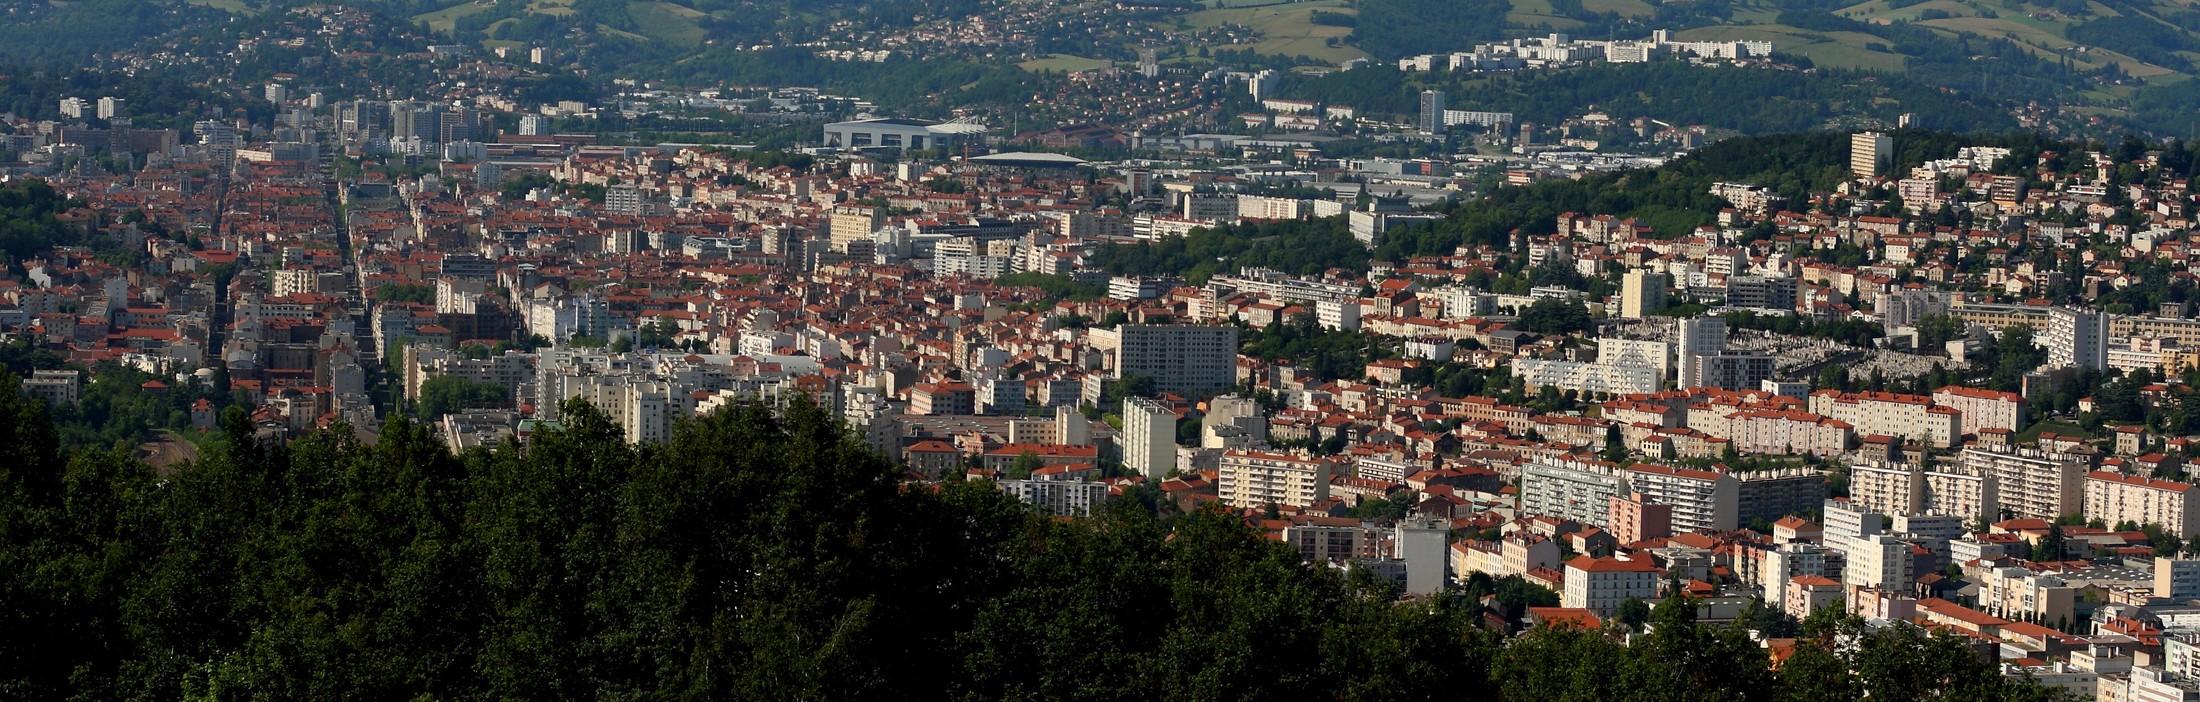 Saint Etienne vue du haut